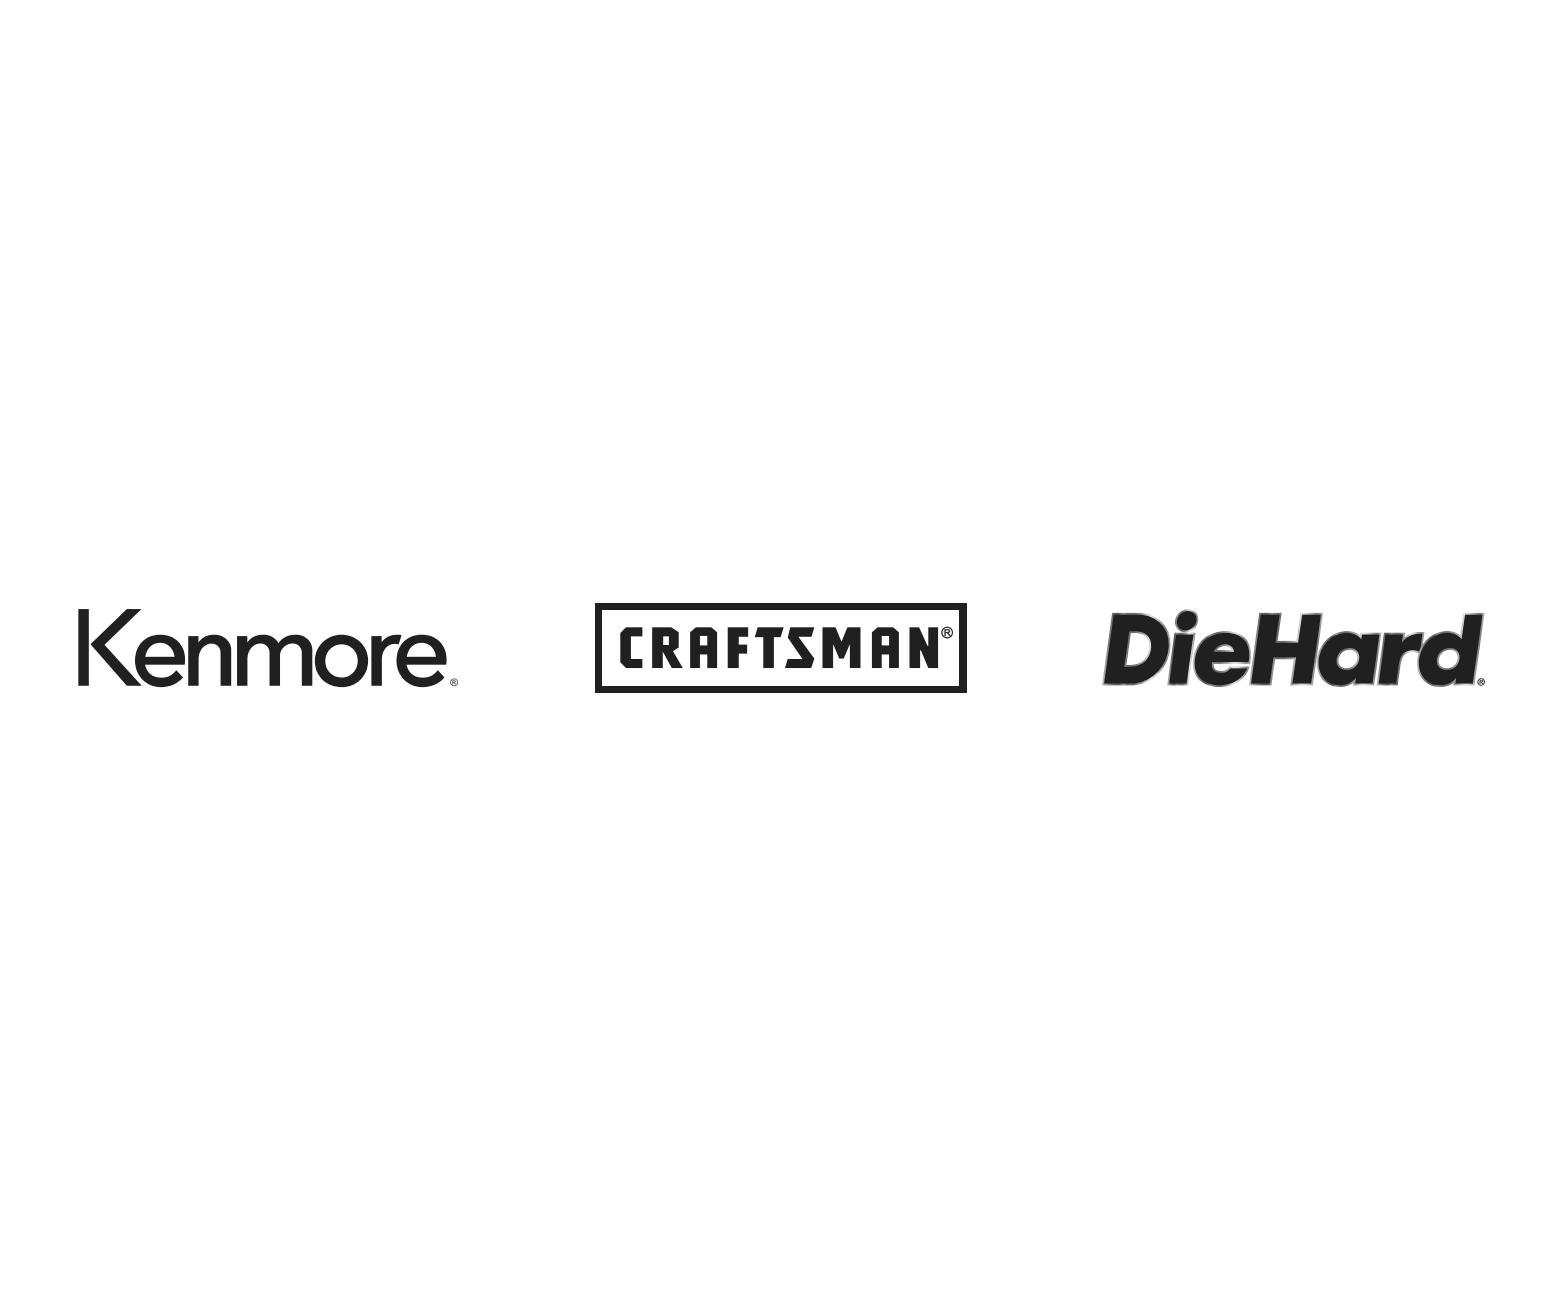 Kenmore, Craftsman, Diehard